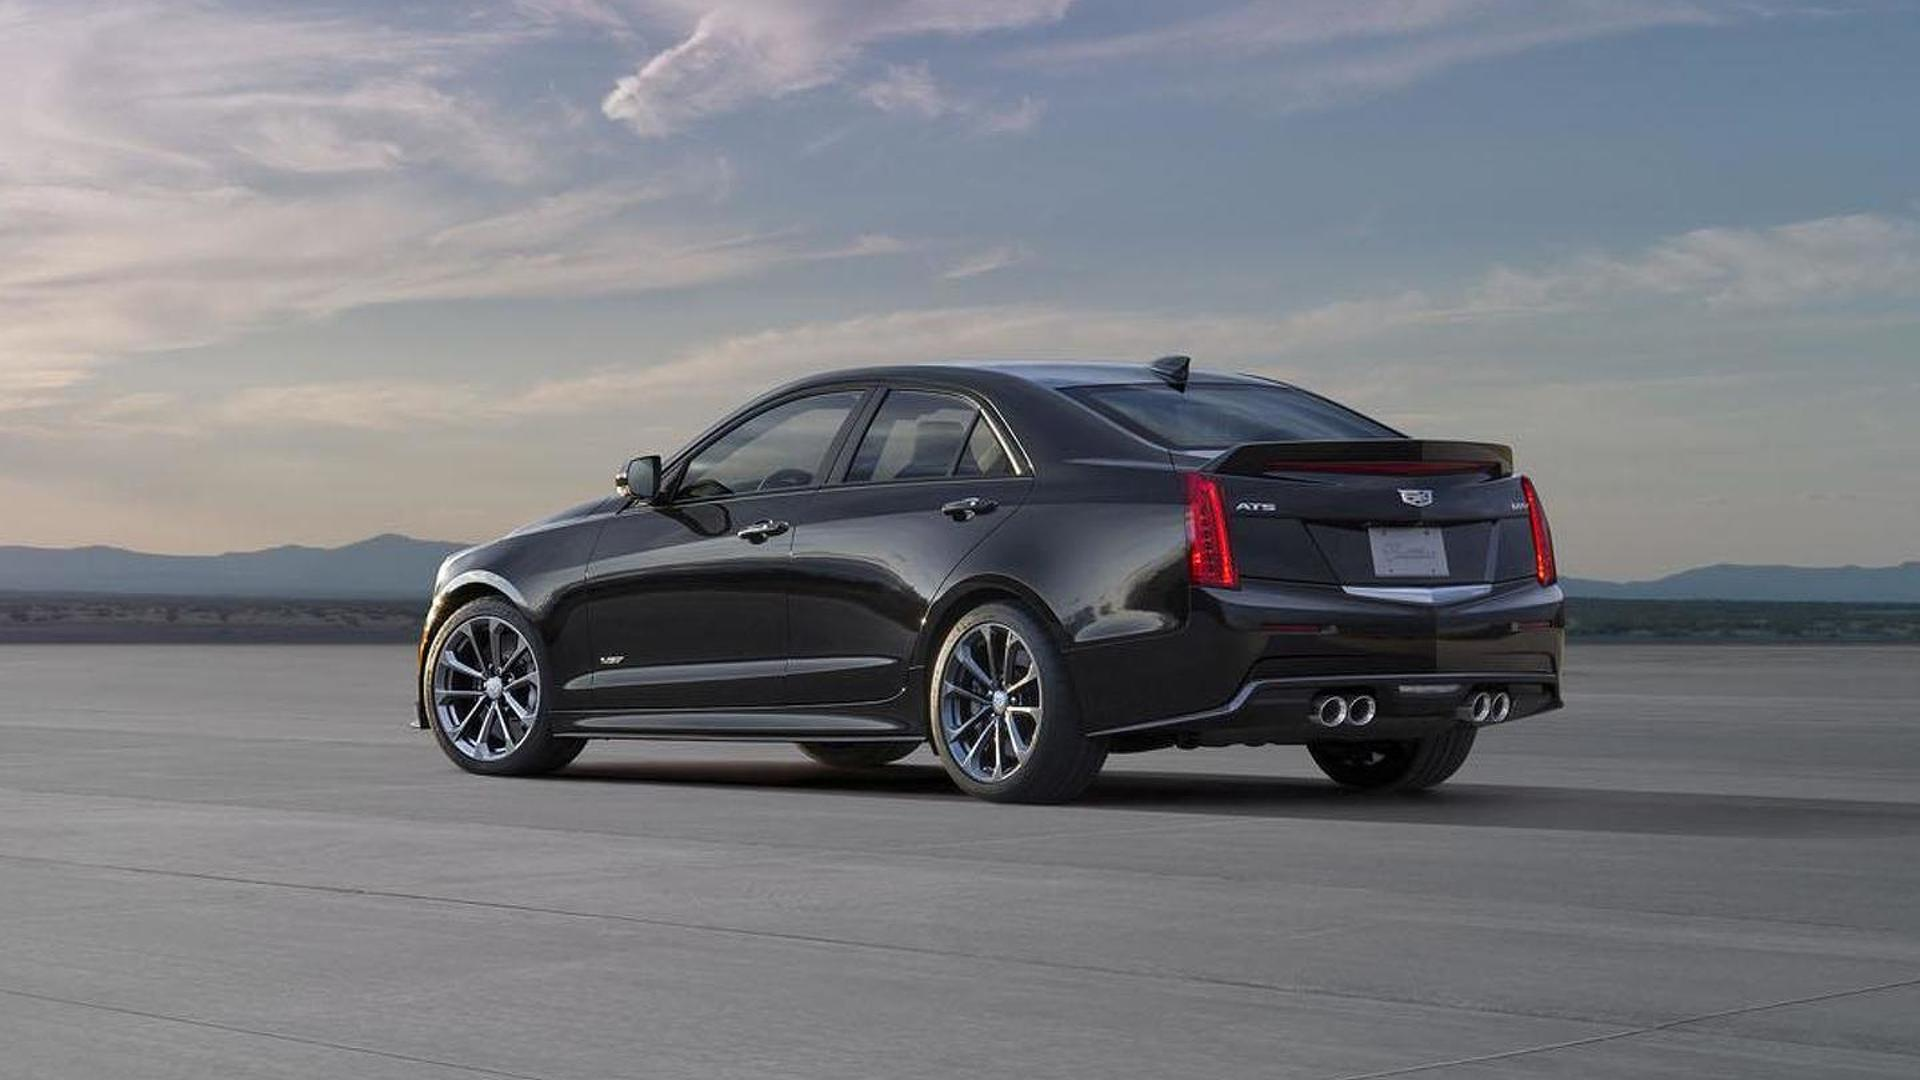 Cadillac ATS V could have 7 0 liter V8 engine